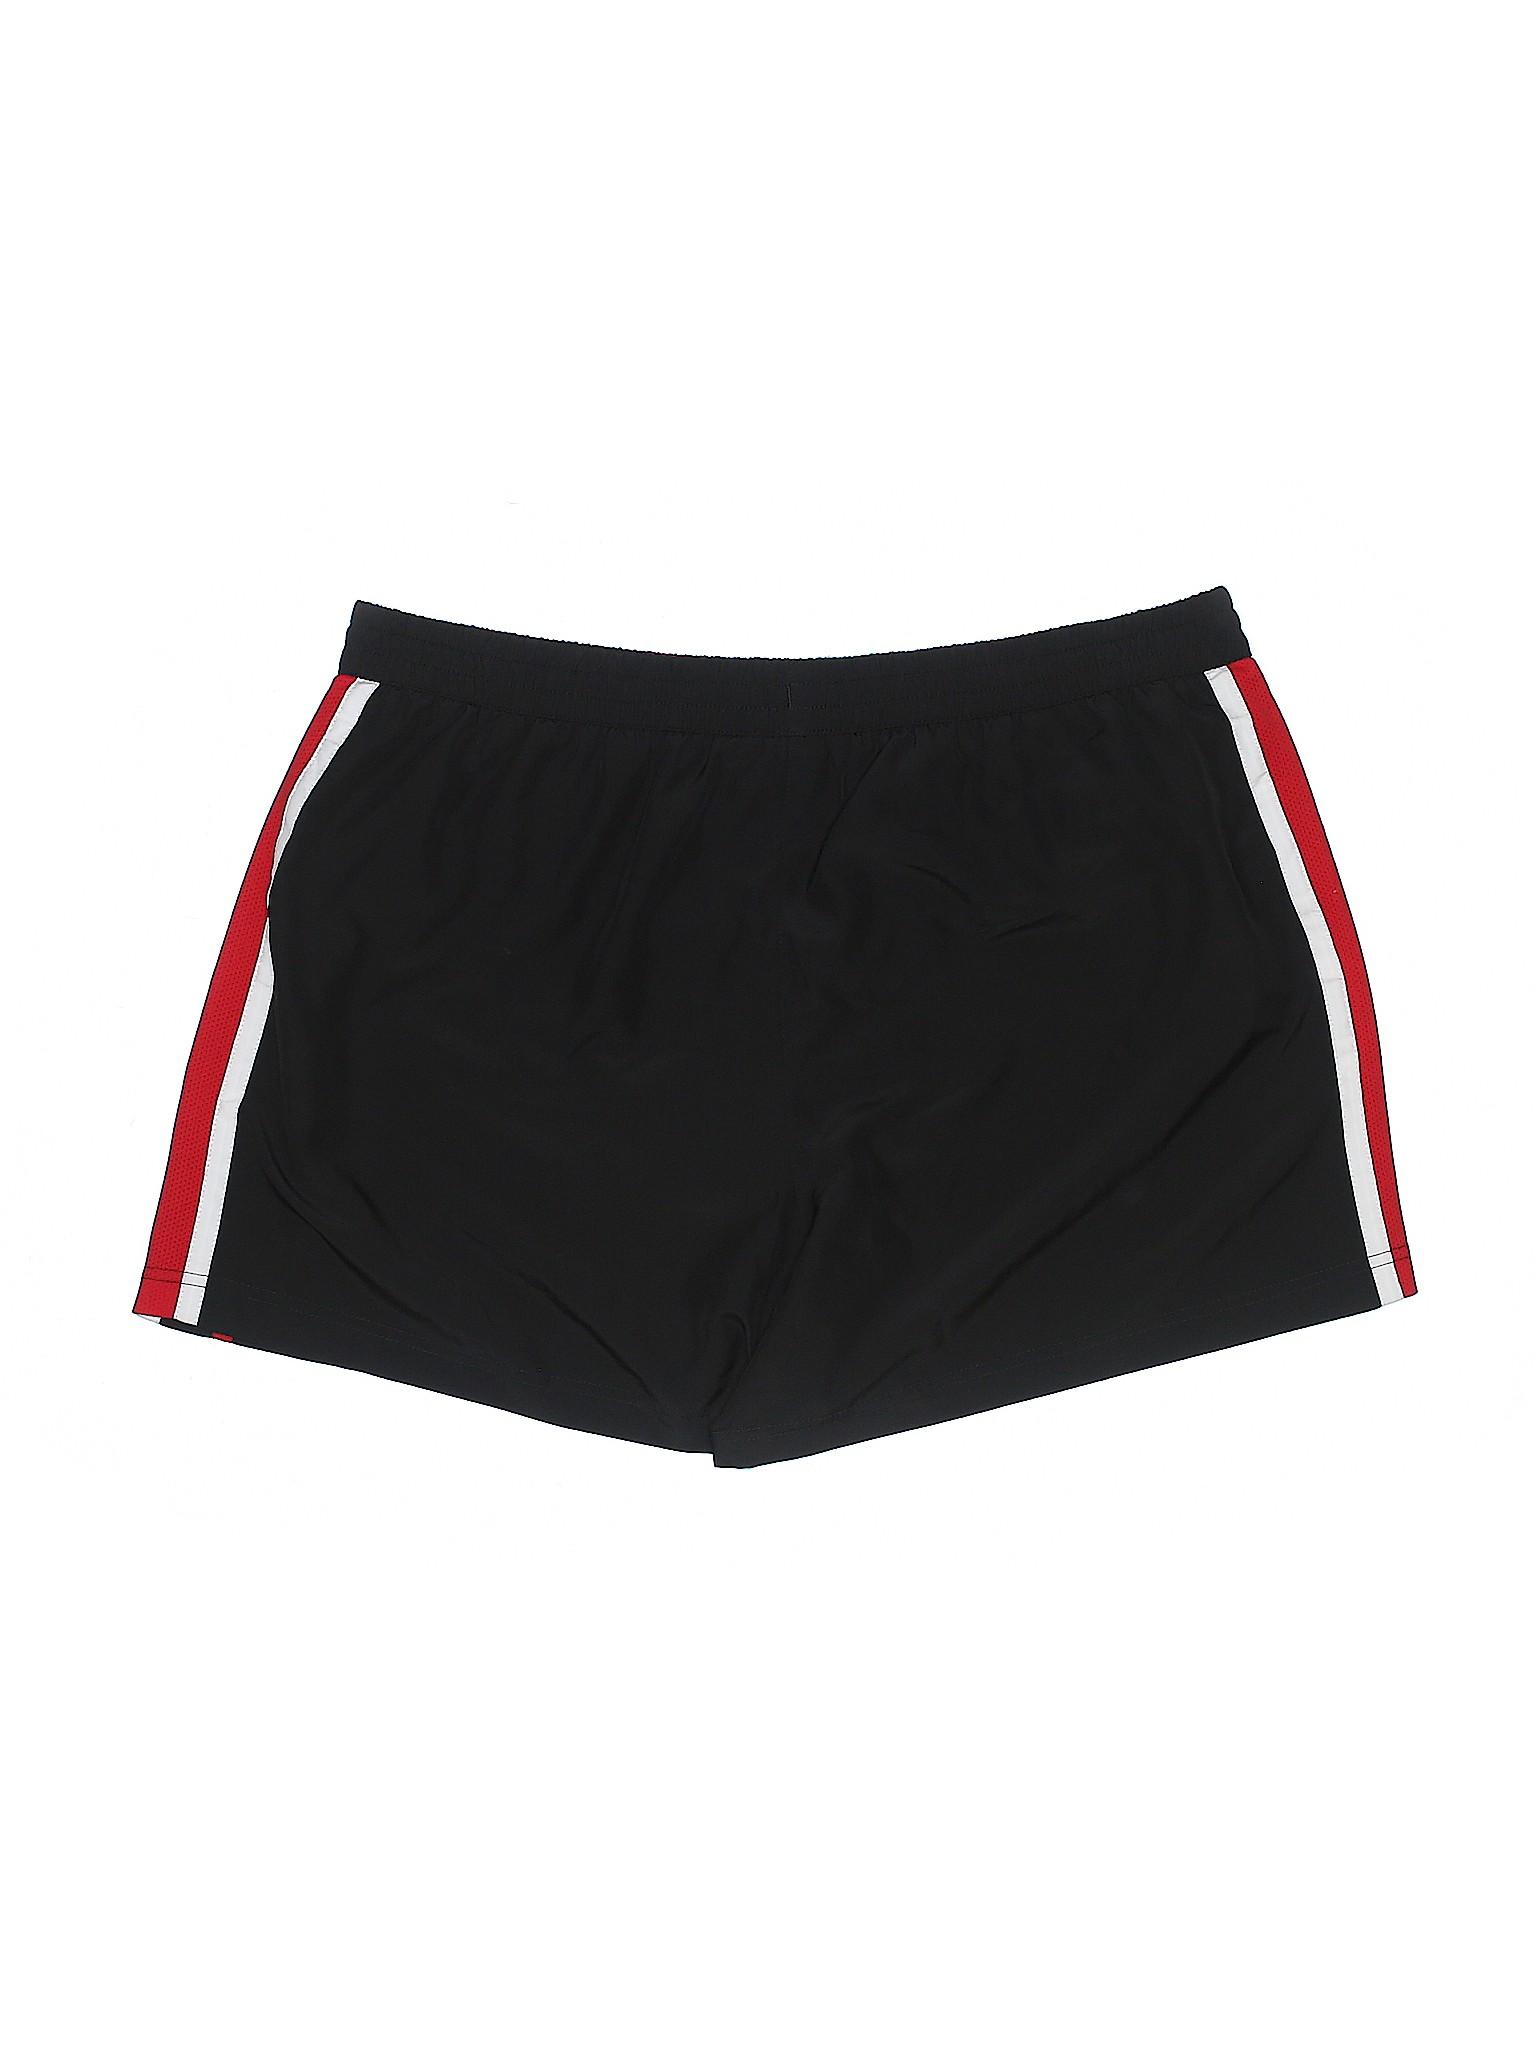 Boutique Athletic Shorts Boutique Athletic SB Active SB Active rr0t5wq1